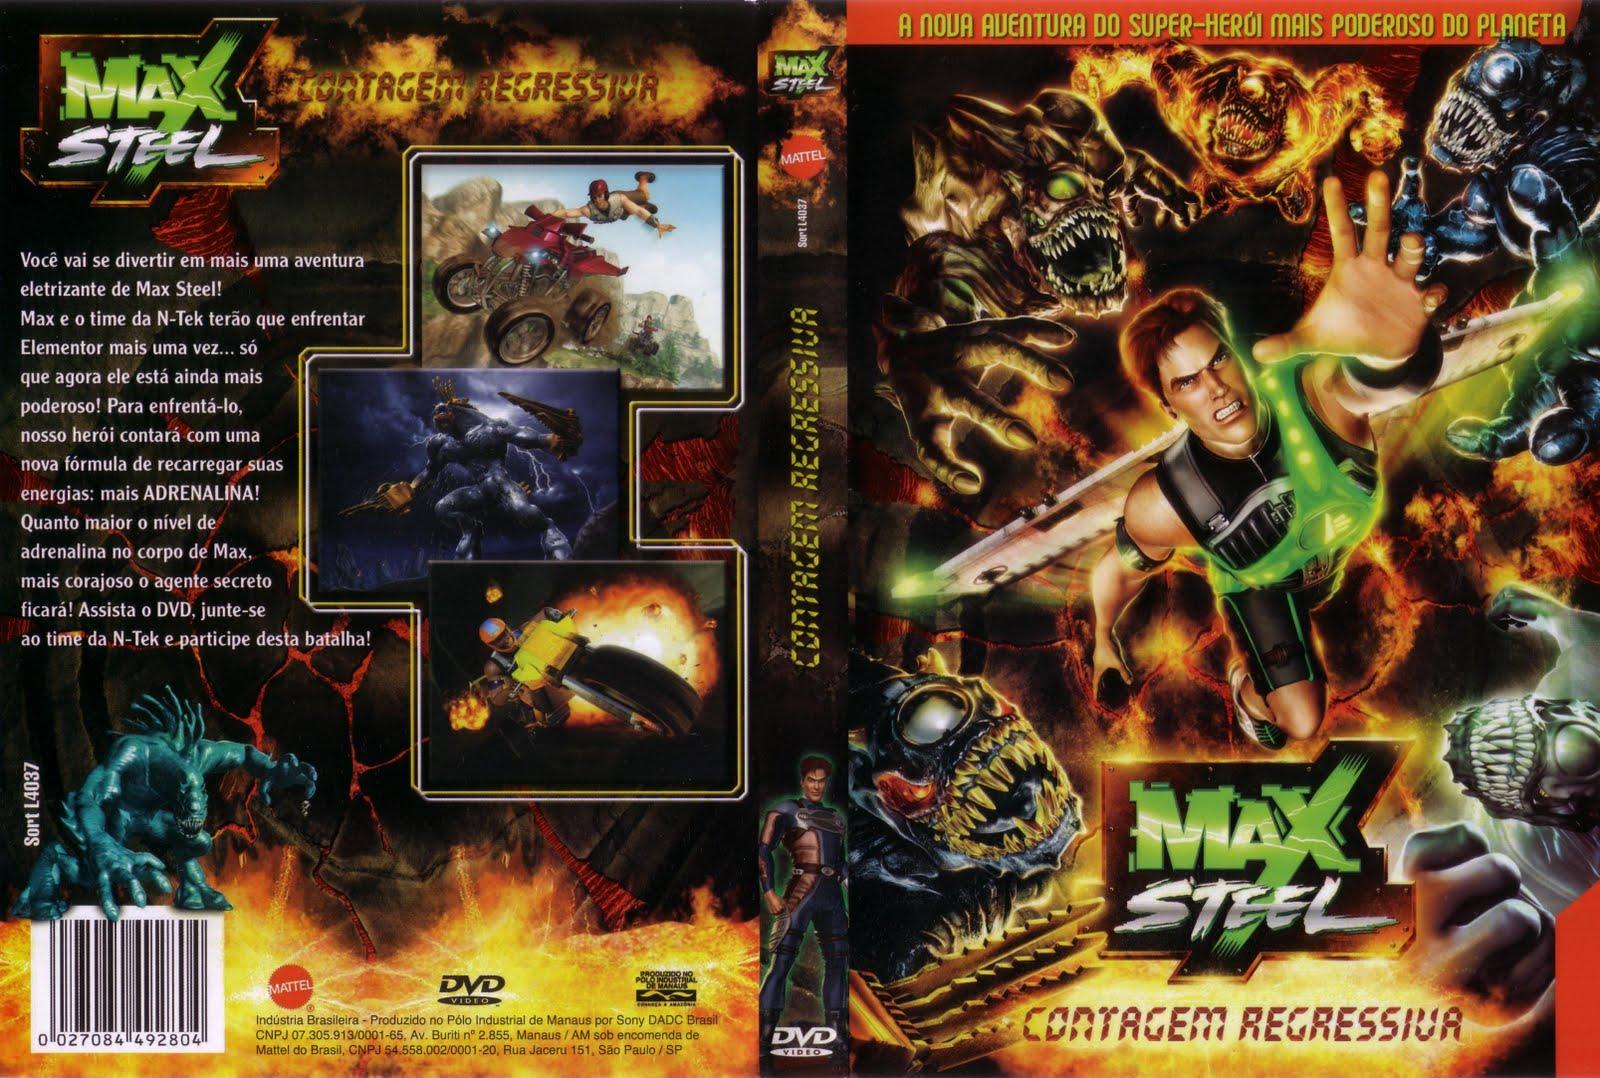 Max Steel Contagem Regressiva